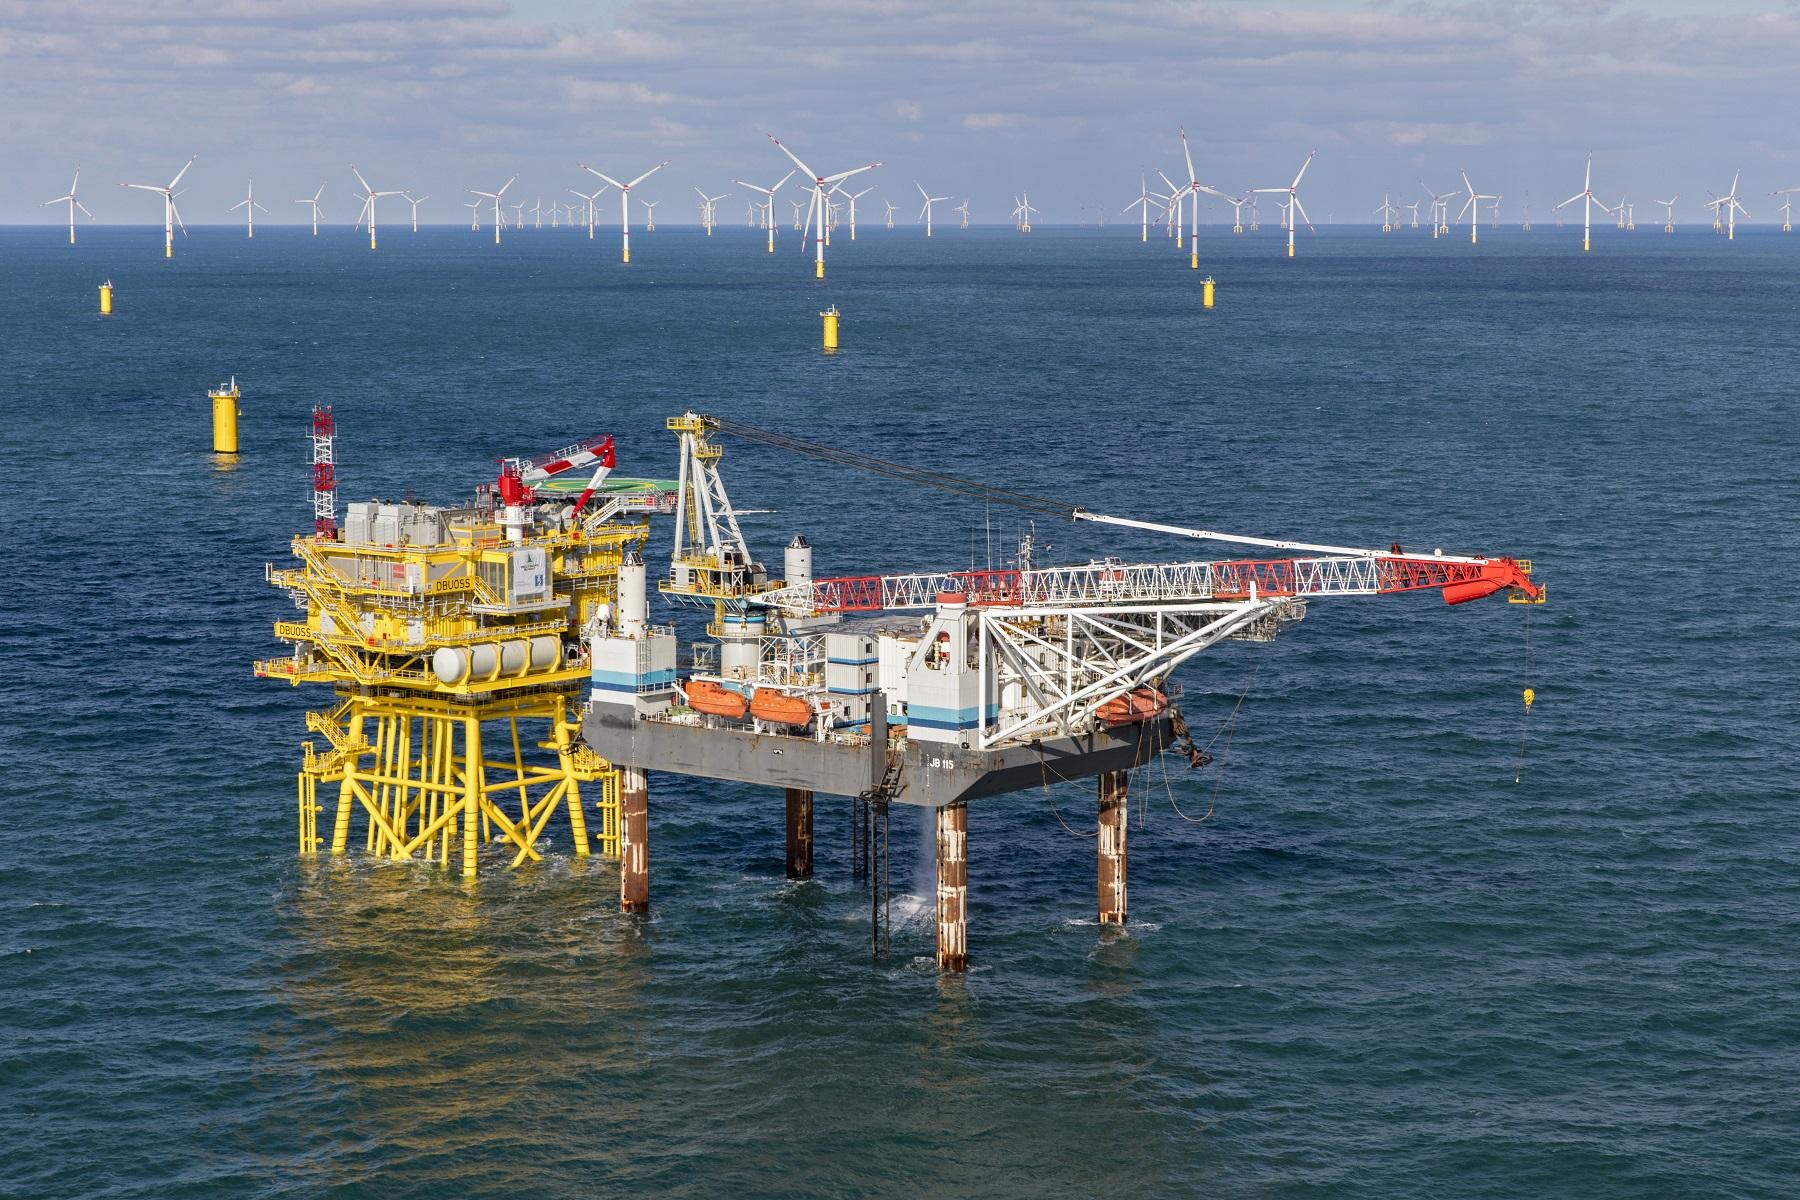 Jack Up Barge en Van Oord werken samen aan Duits offshore windpark Deutsche Bucht